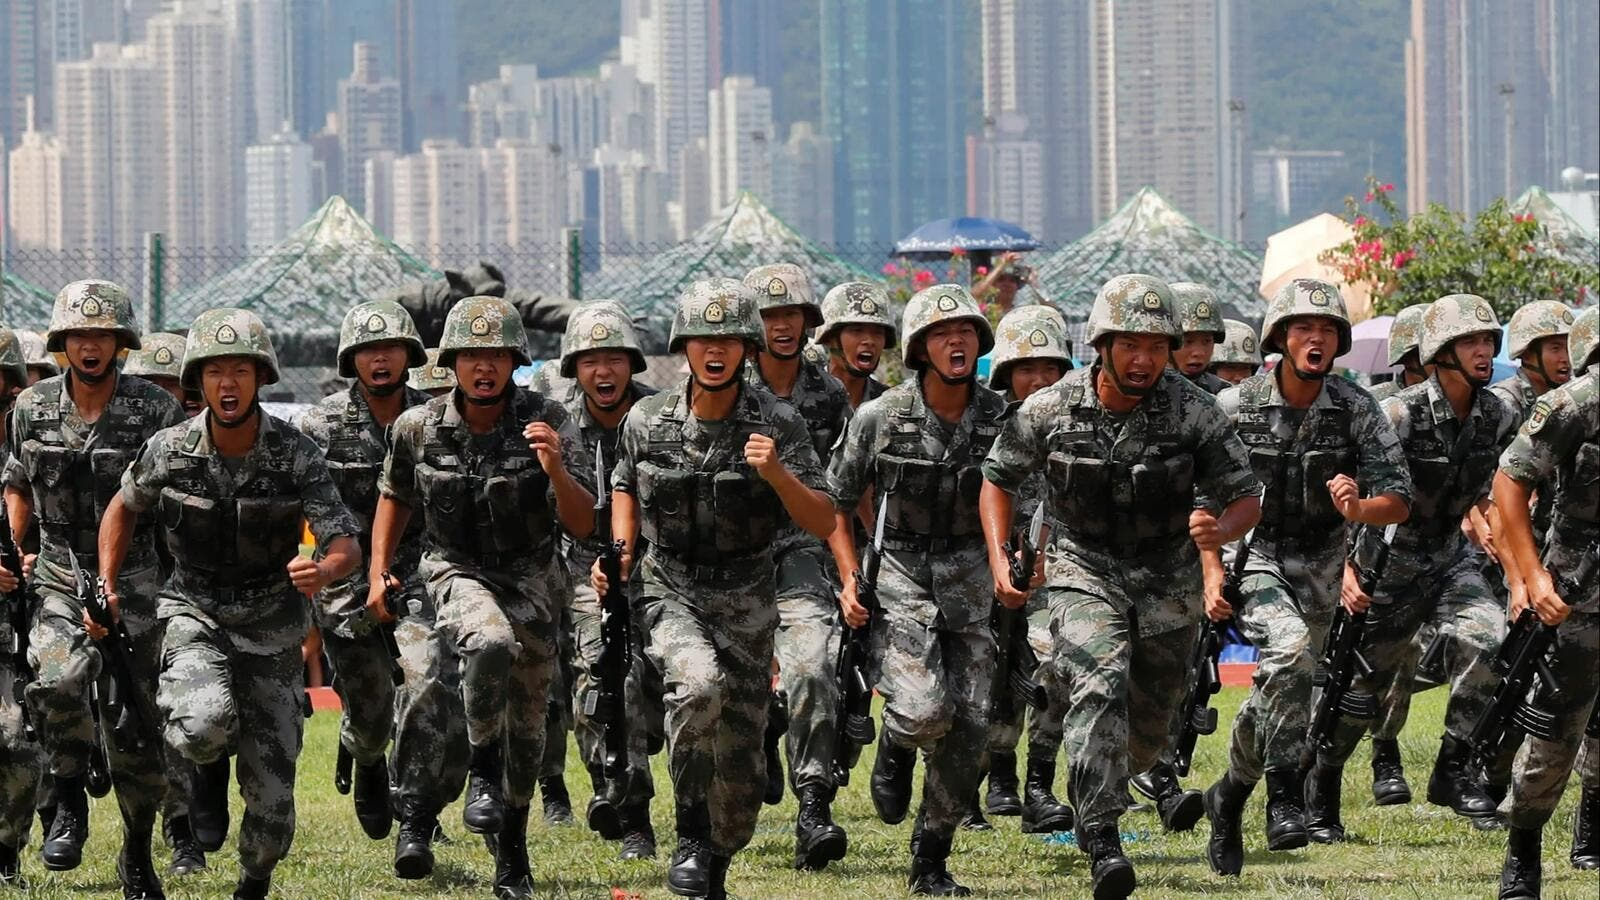 الجيش الصيني جاهز للانتشار في هونغ كونغ   البوابة